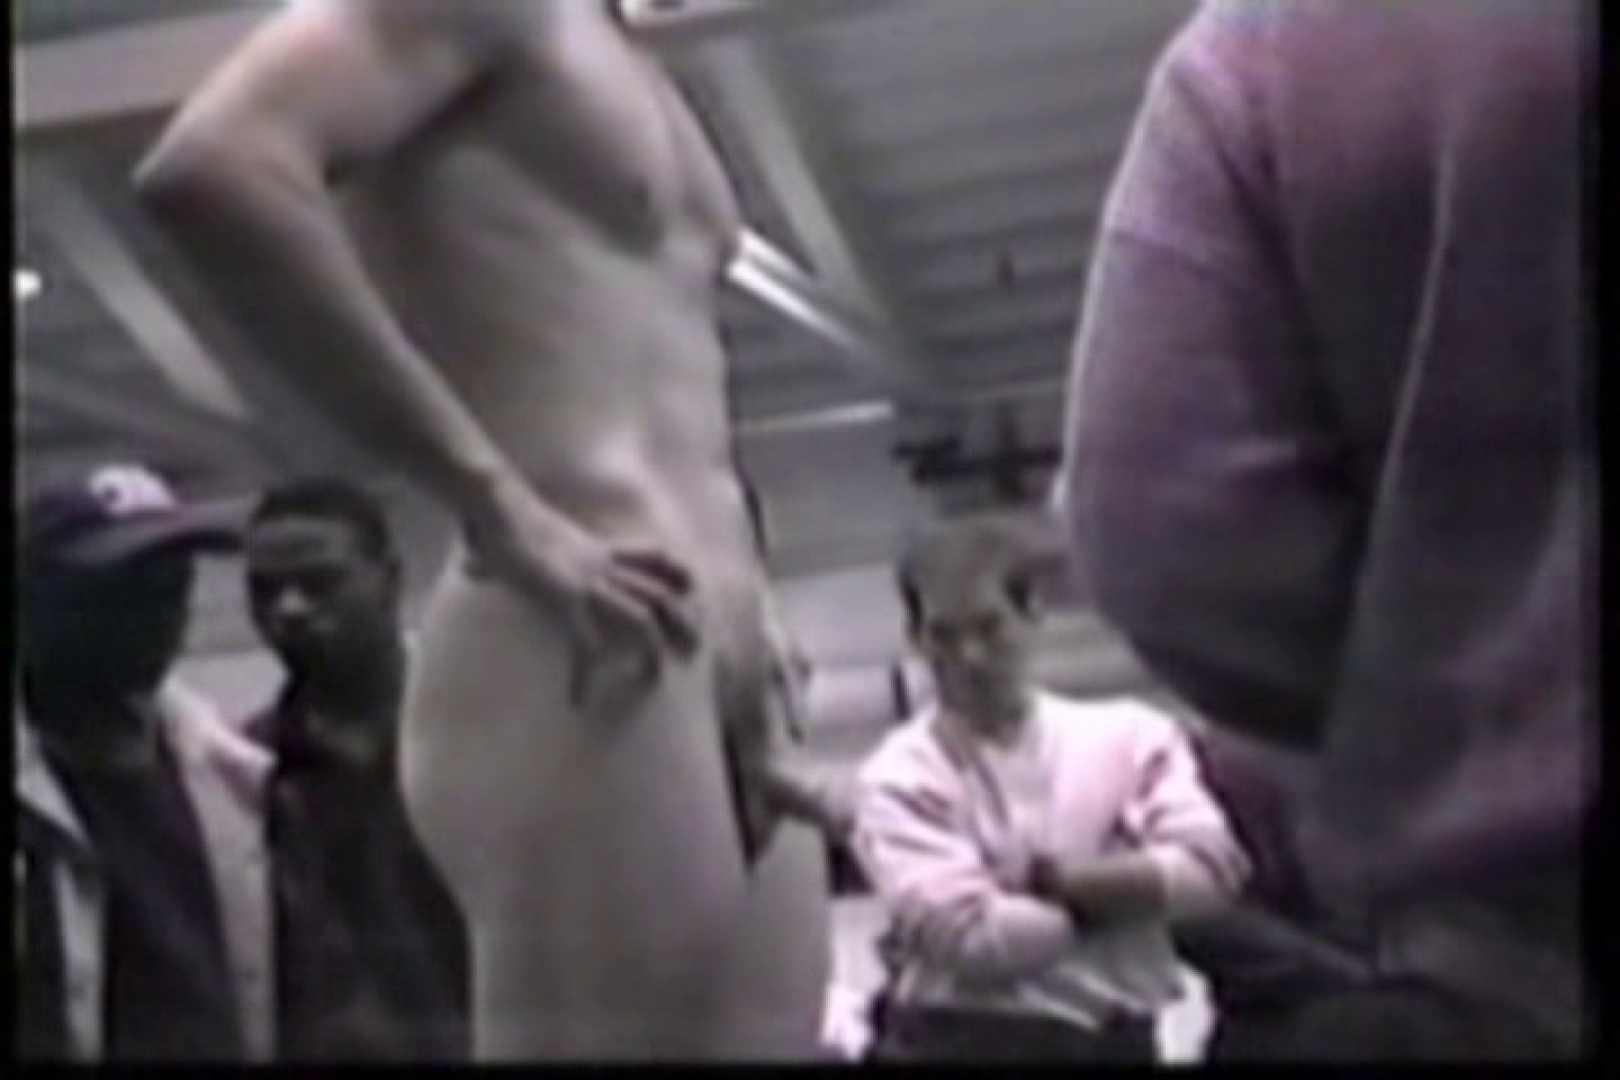 洋人さんの脱衣所を覗いてみました。VOL.8 ガチムチマッチョ系男子  62枚 56